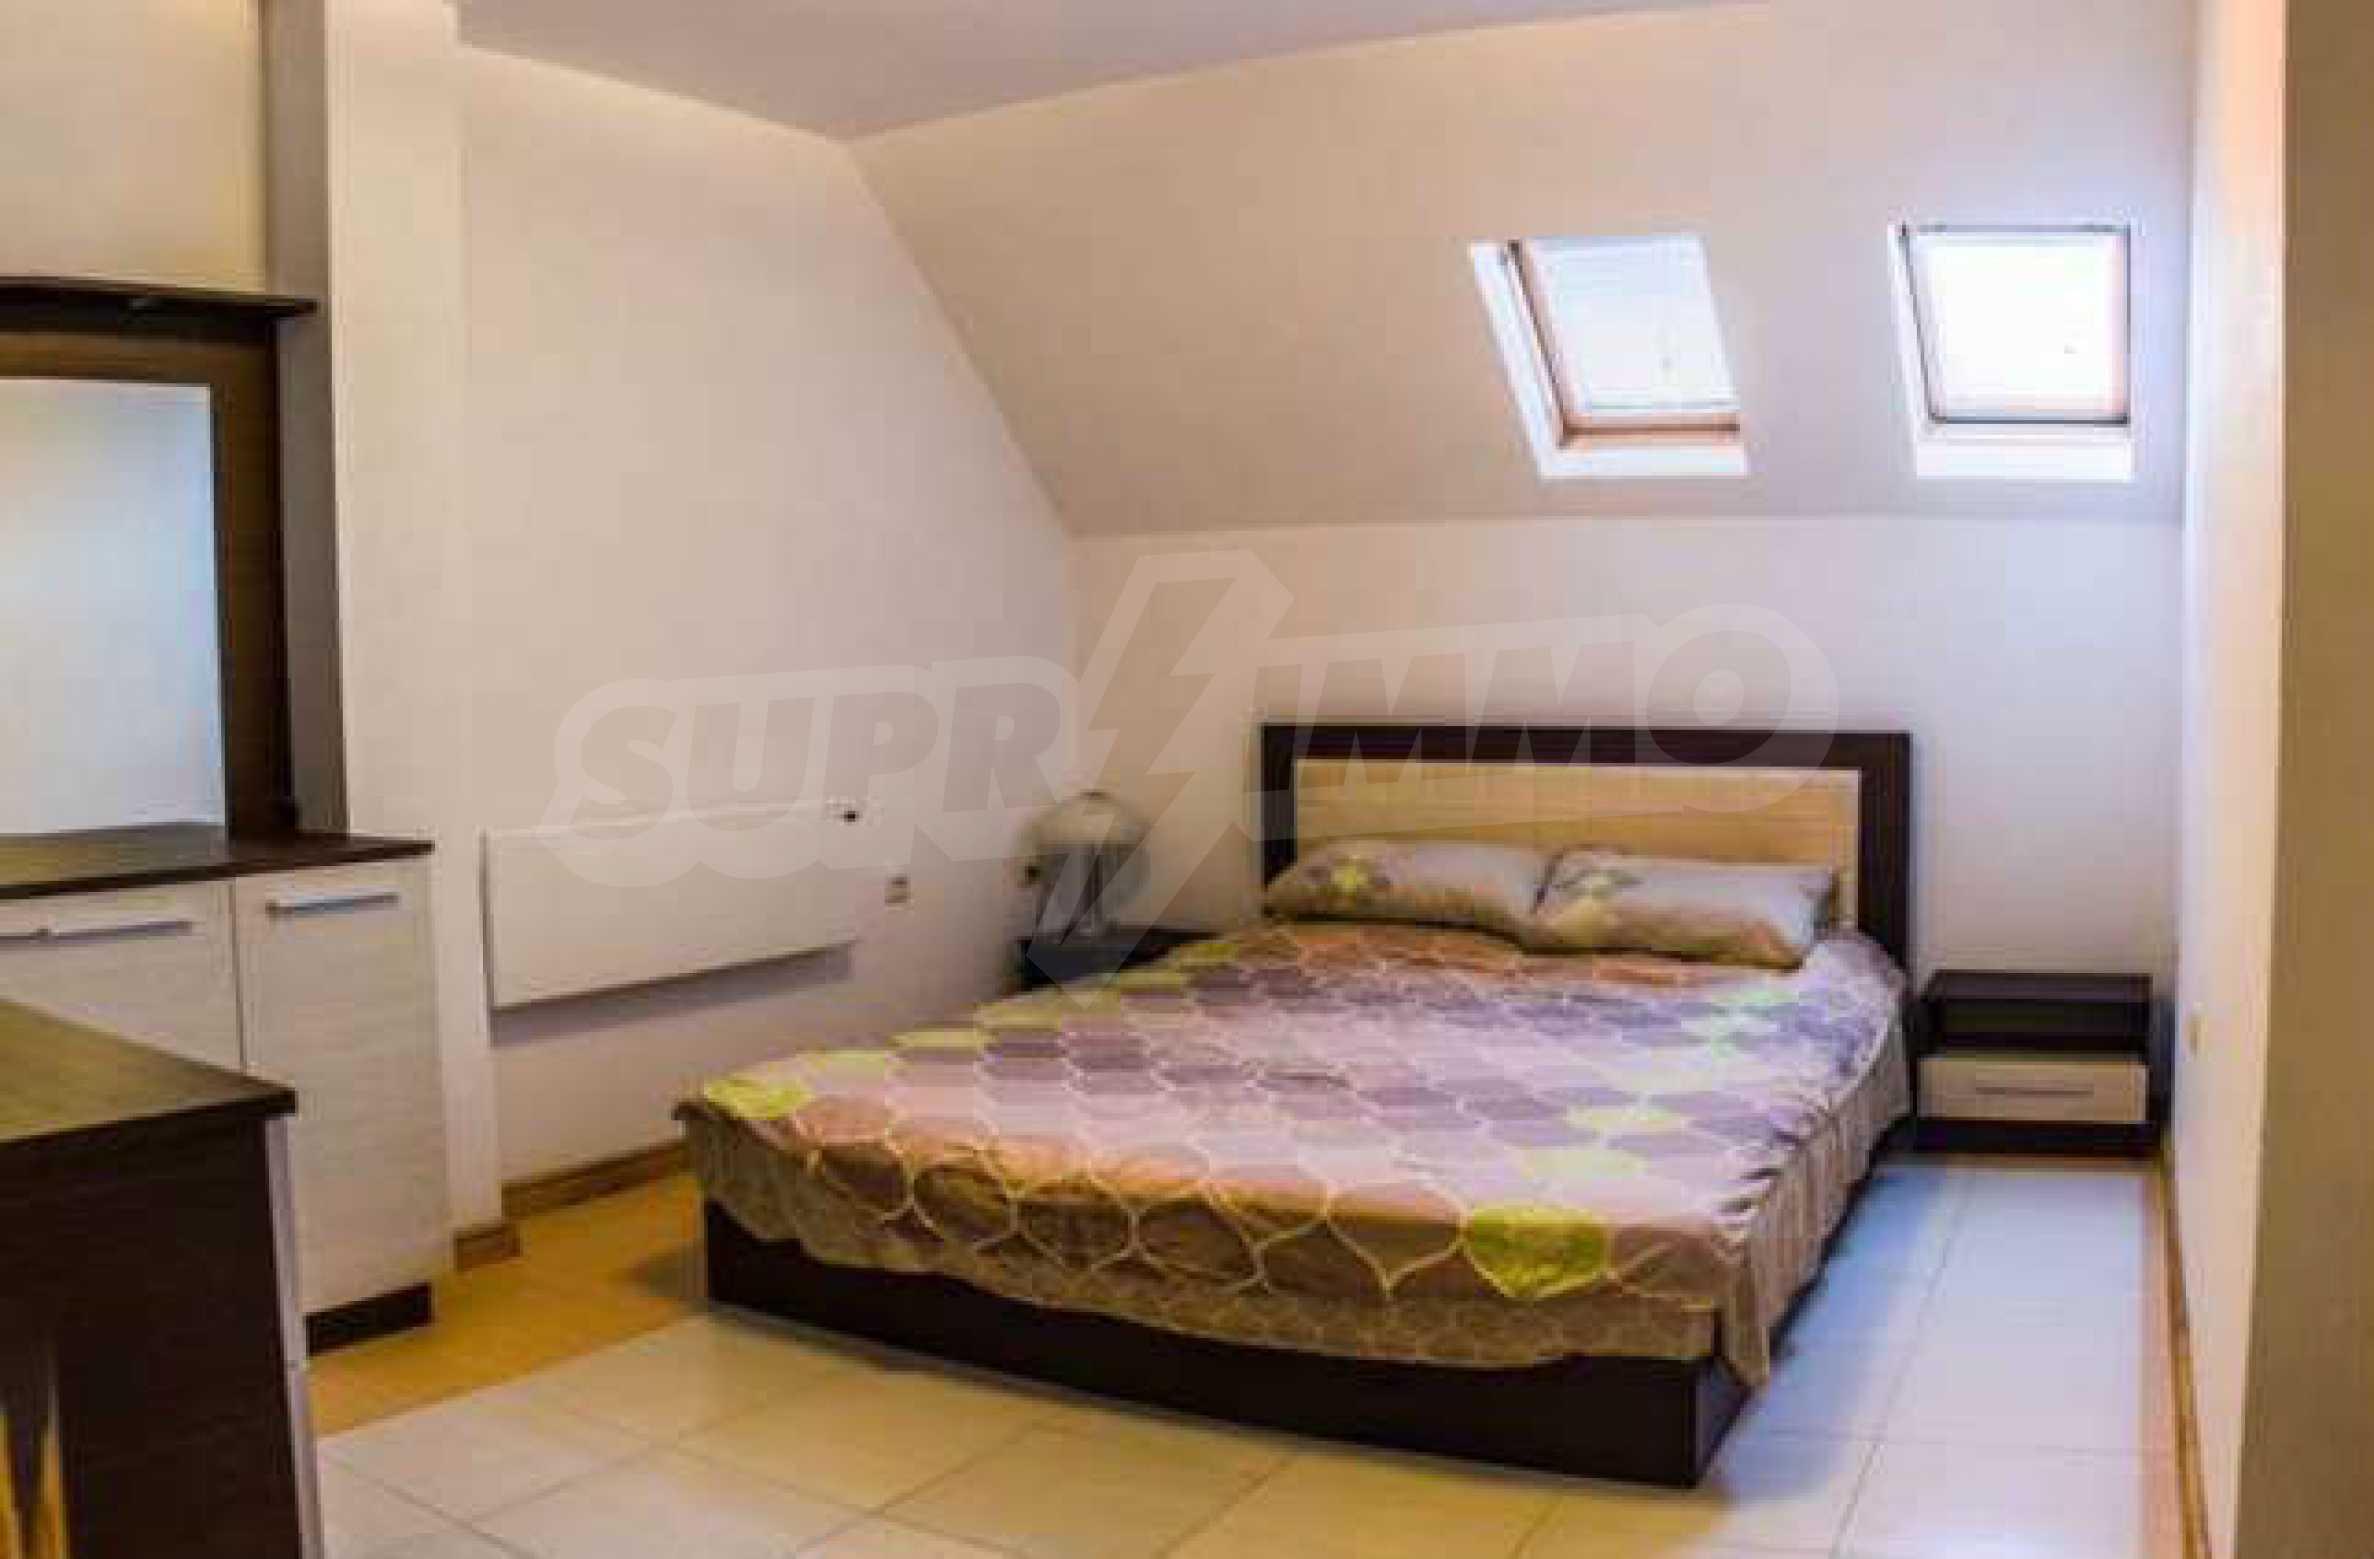 Новопостроен тристаен апартамент в кв. на град В. Търново  4